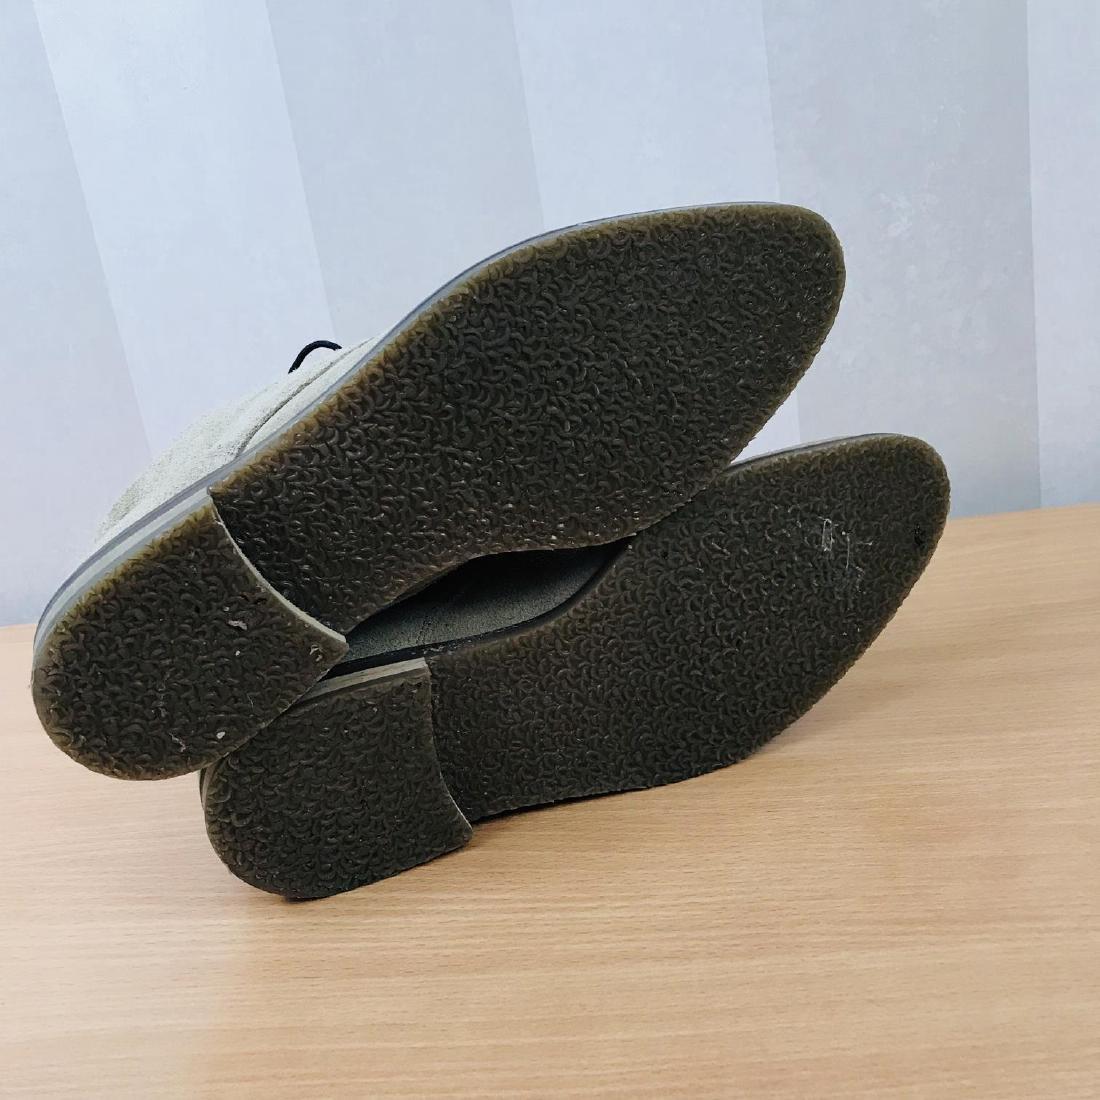 Vintage Men's Suede Leather Shoes Size EUR 44 US 11 - 9